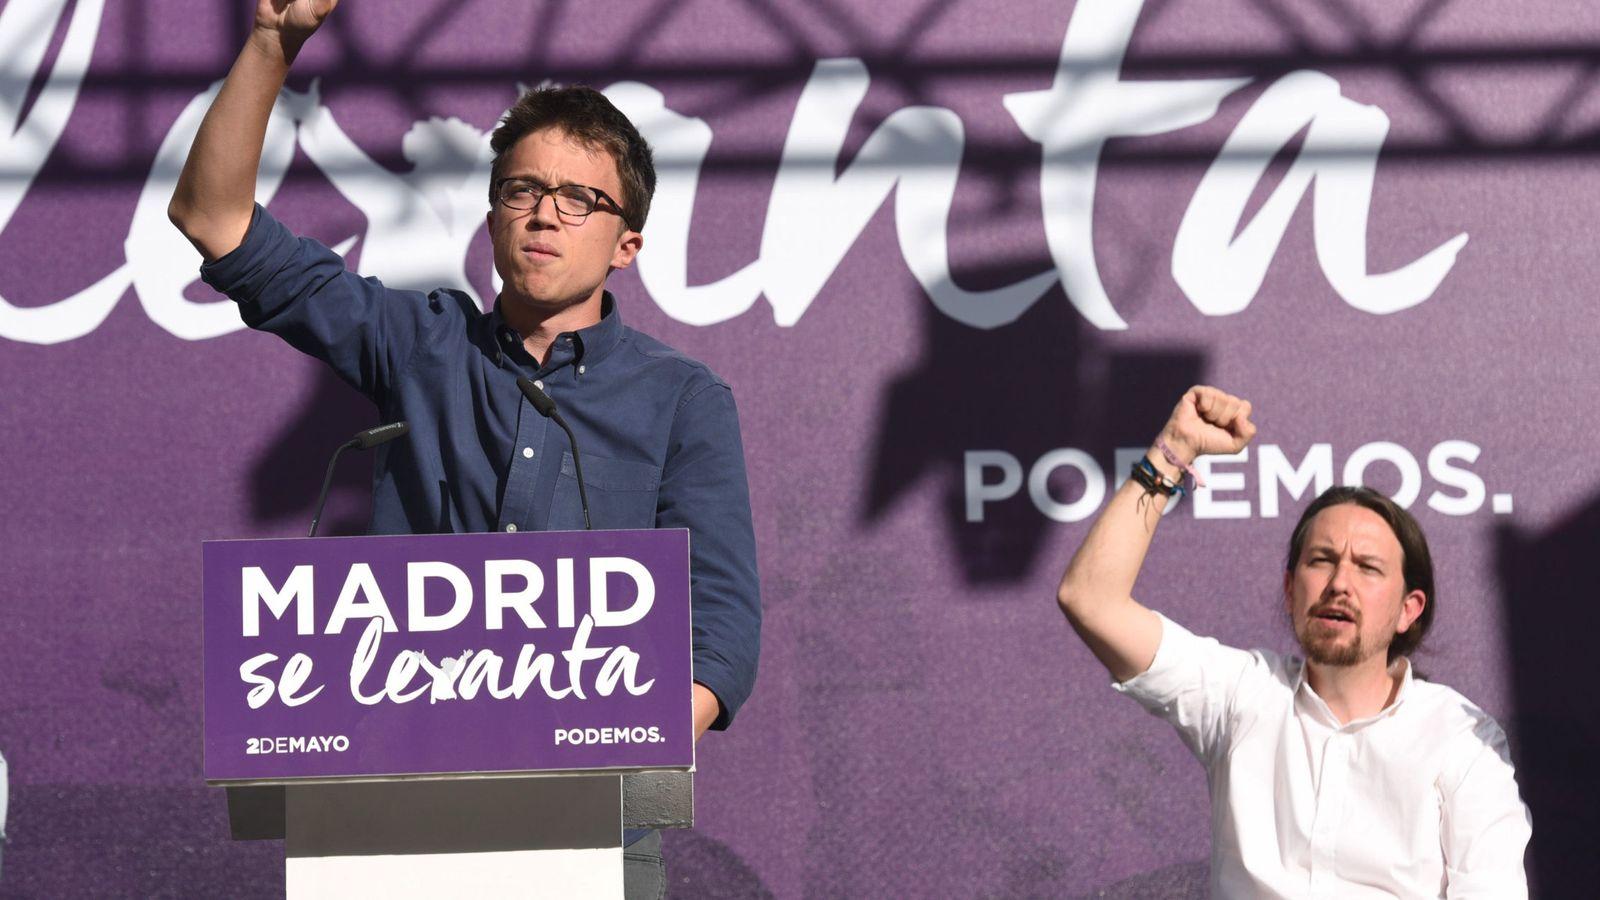 """Foto: Los dirigentes de Podemos Íñigo Errejón (i) y Pablo Iglesias (d), durante el acto """"Madrid se levanta"""", que organizó el partido con motivo de la celebración del 2 de mayo. (EFE)"""